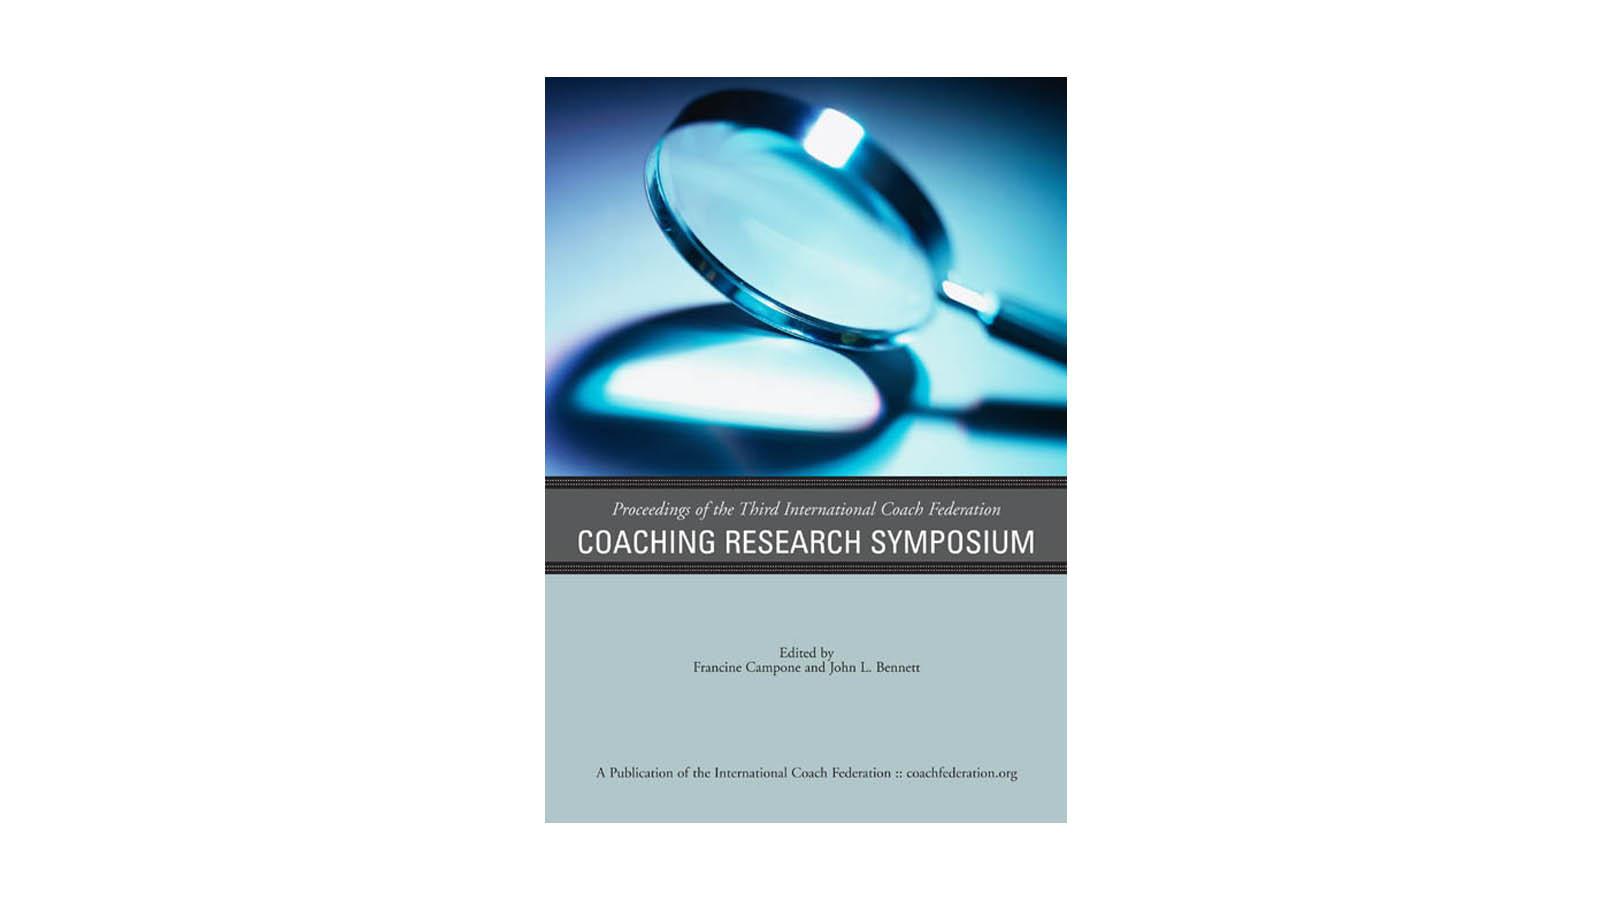 ICF Coaching Research Symposium